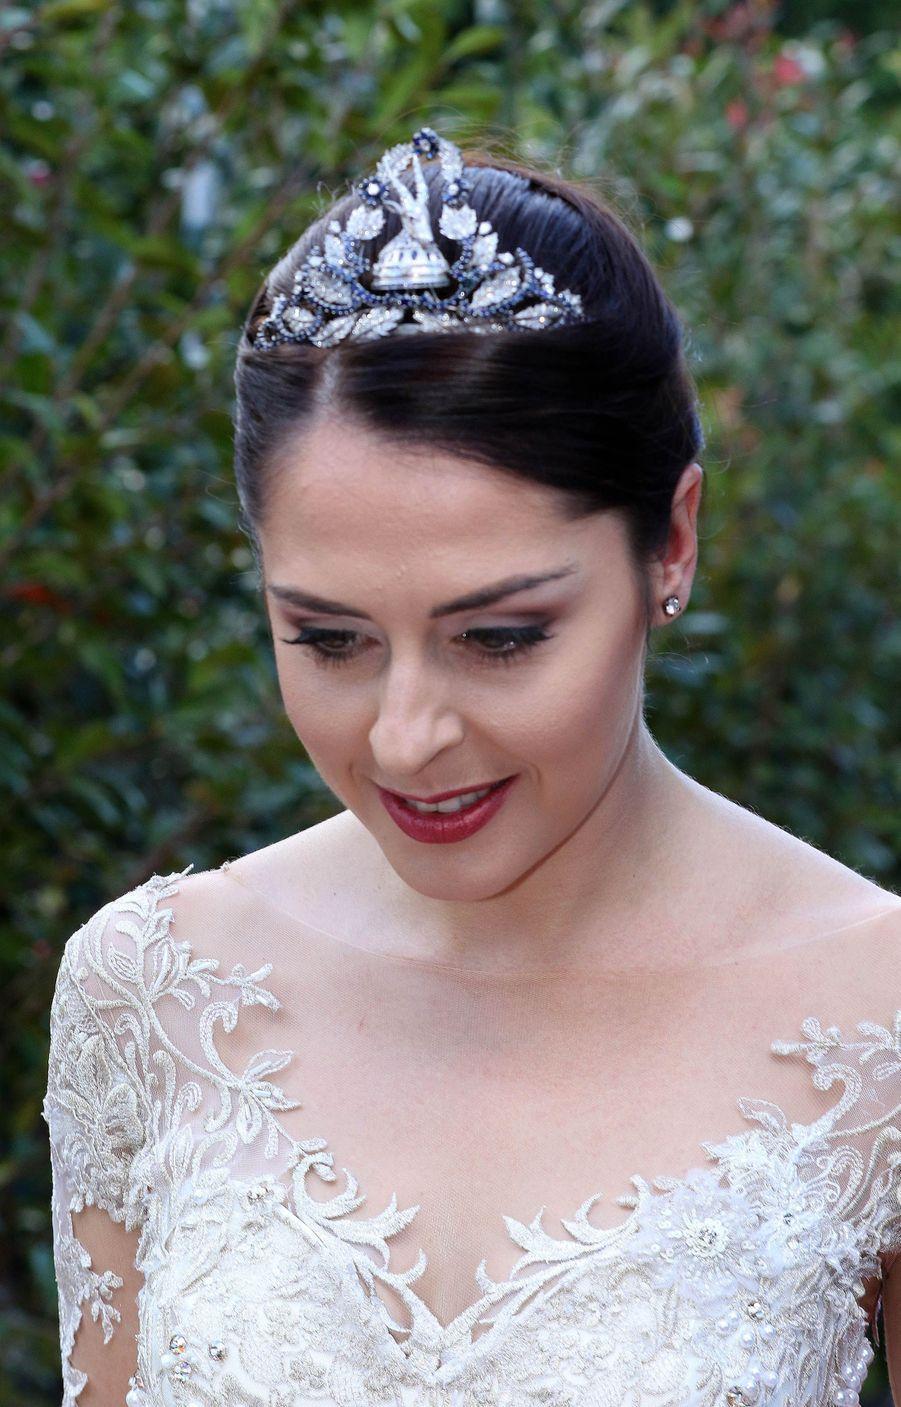 Elia Zaharia coiffée du diadème de la reine Géraldine d'Albanie pour son mariage à Tirana, le 8 octobre 2016